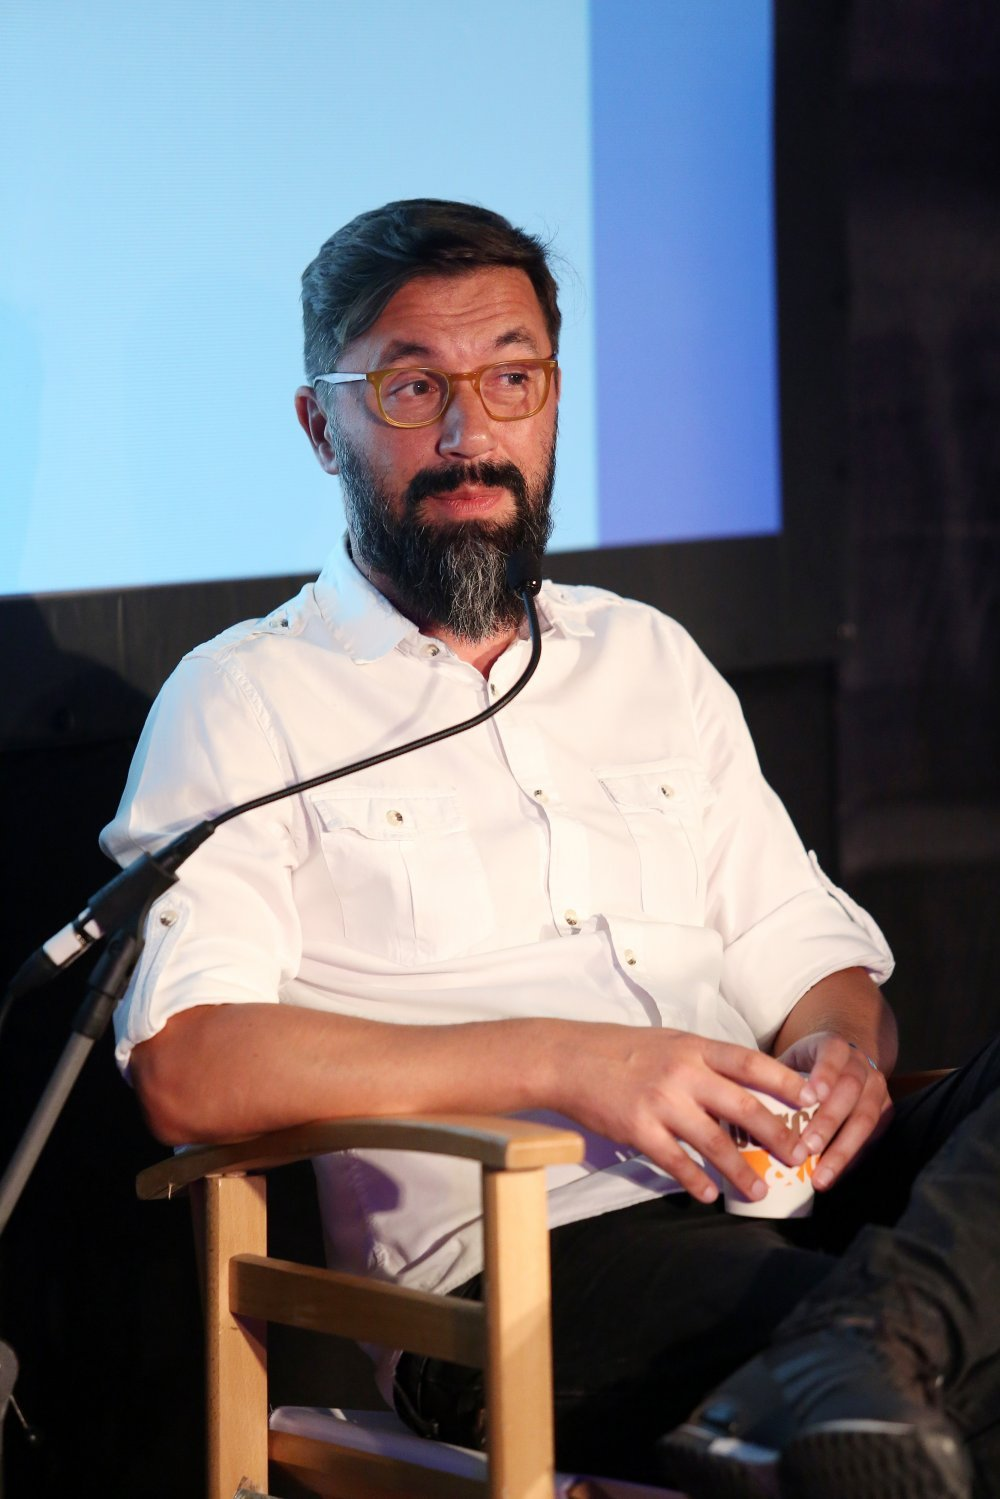 Ivan Gale